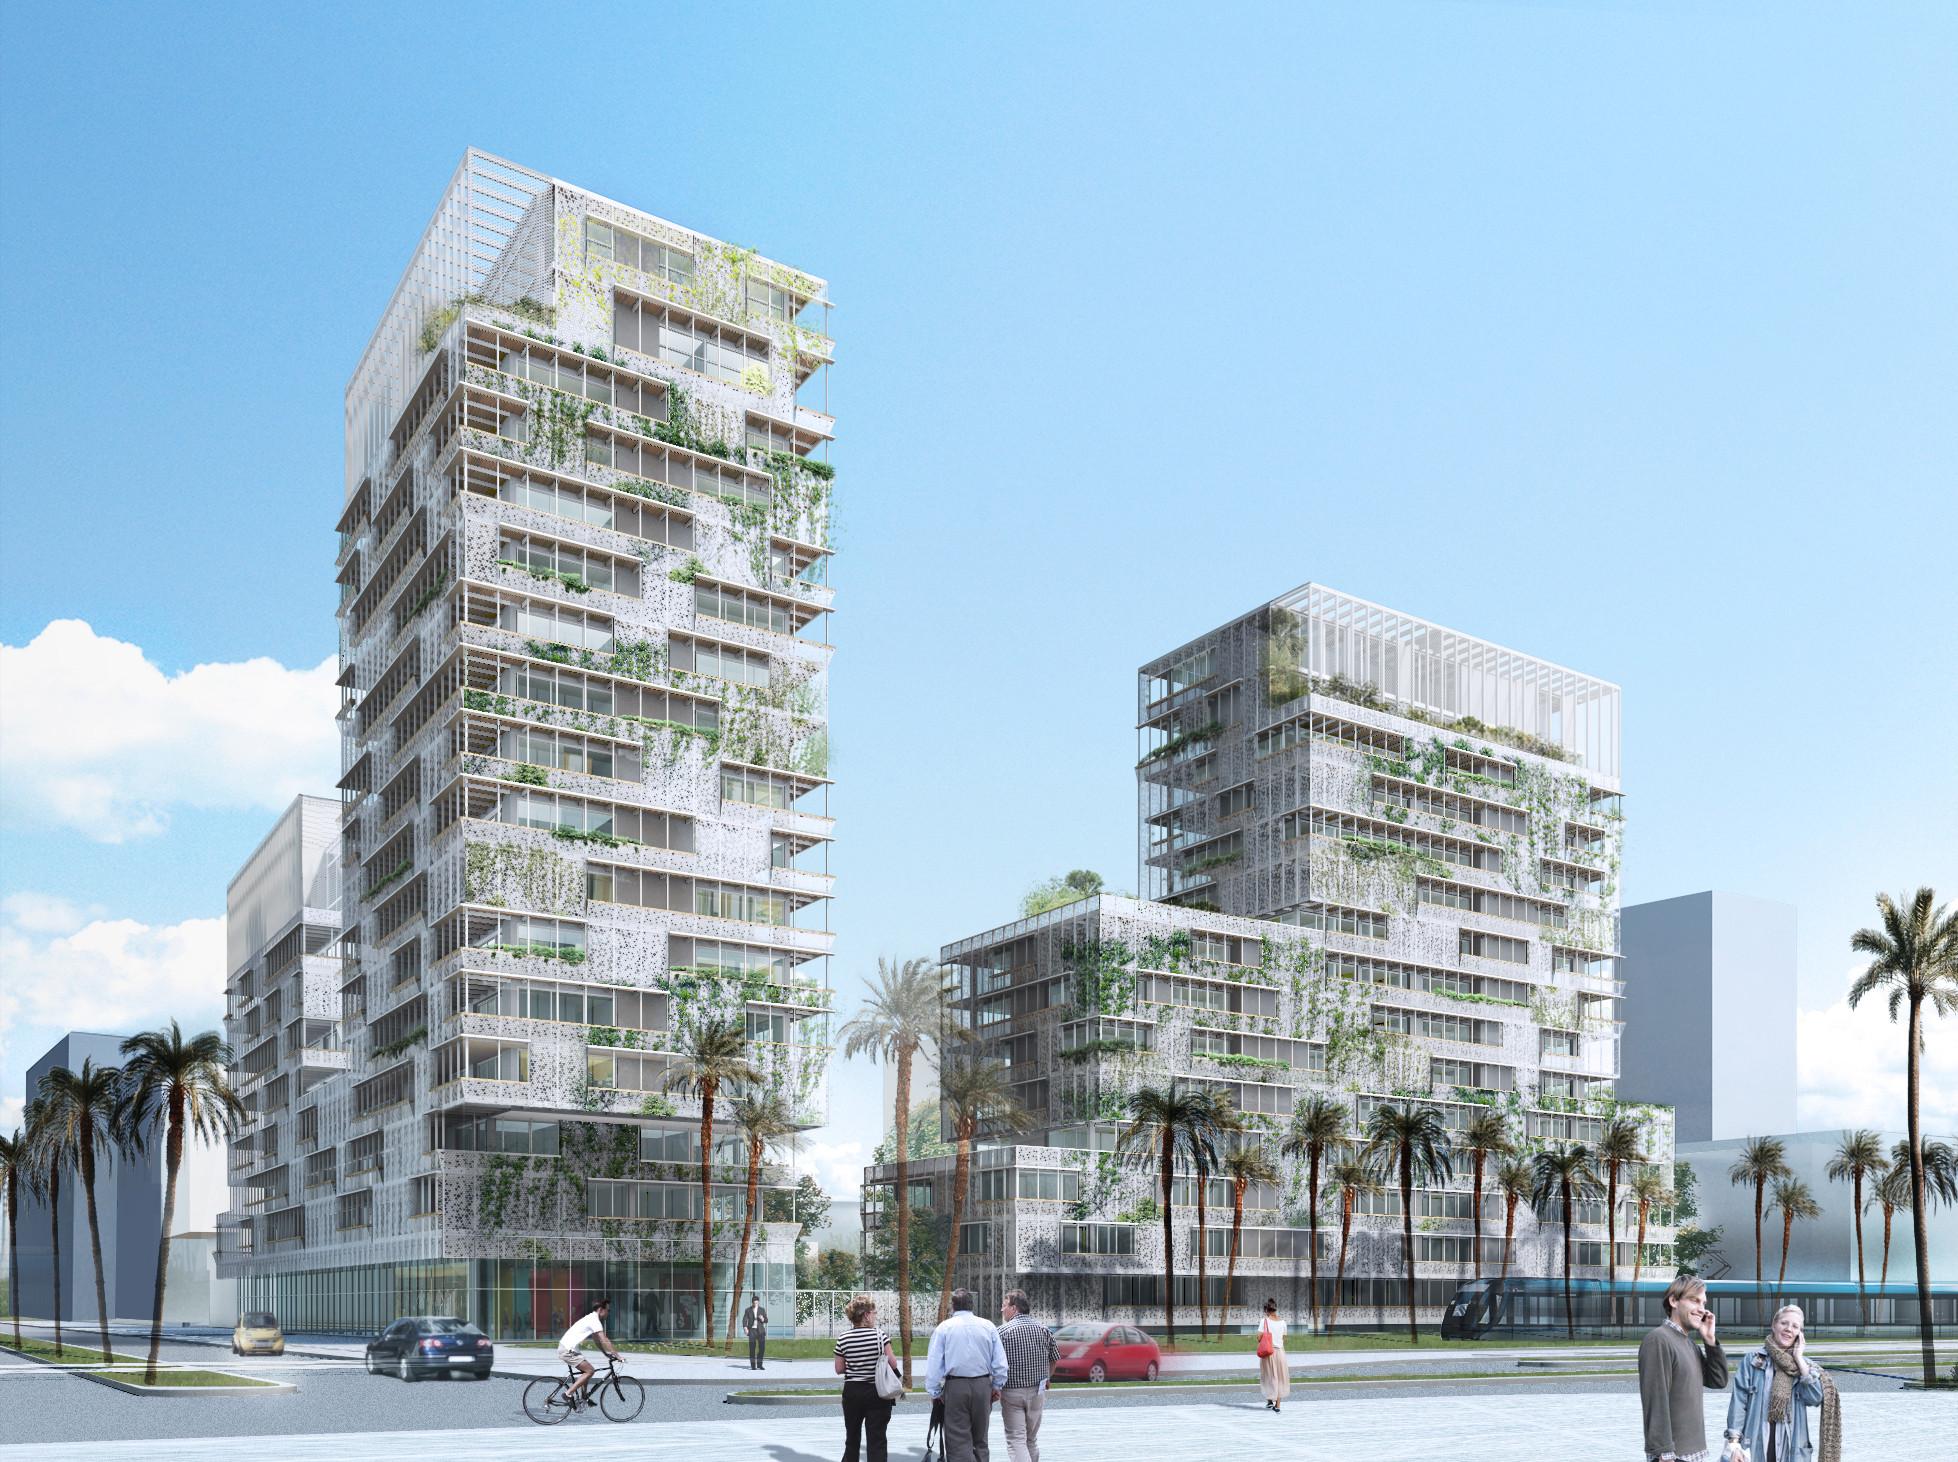 Propuesta de 260 unidades de vivienda por Herreros Arquitectos para Casablanca, Marruecos, Courtesy of Herreros Arquitectos